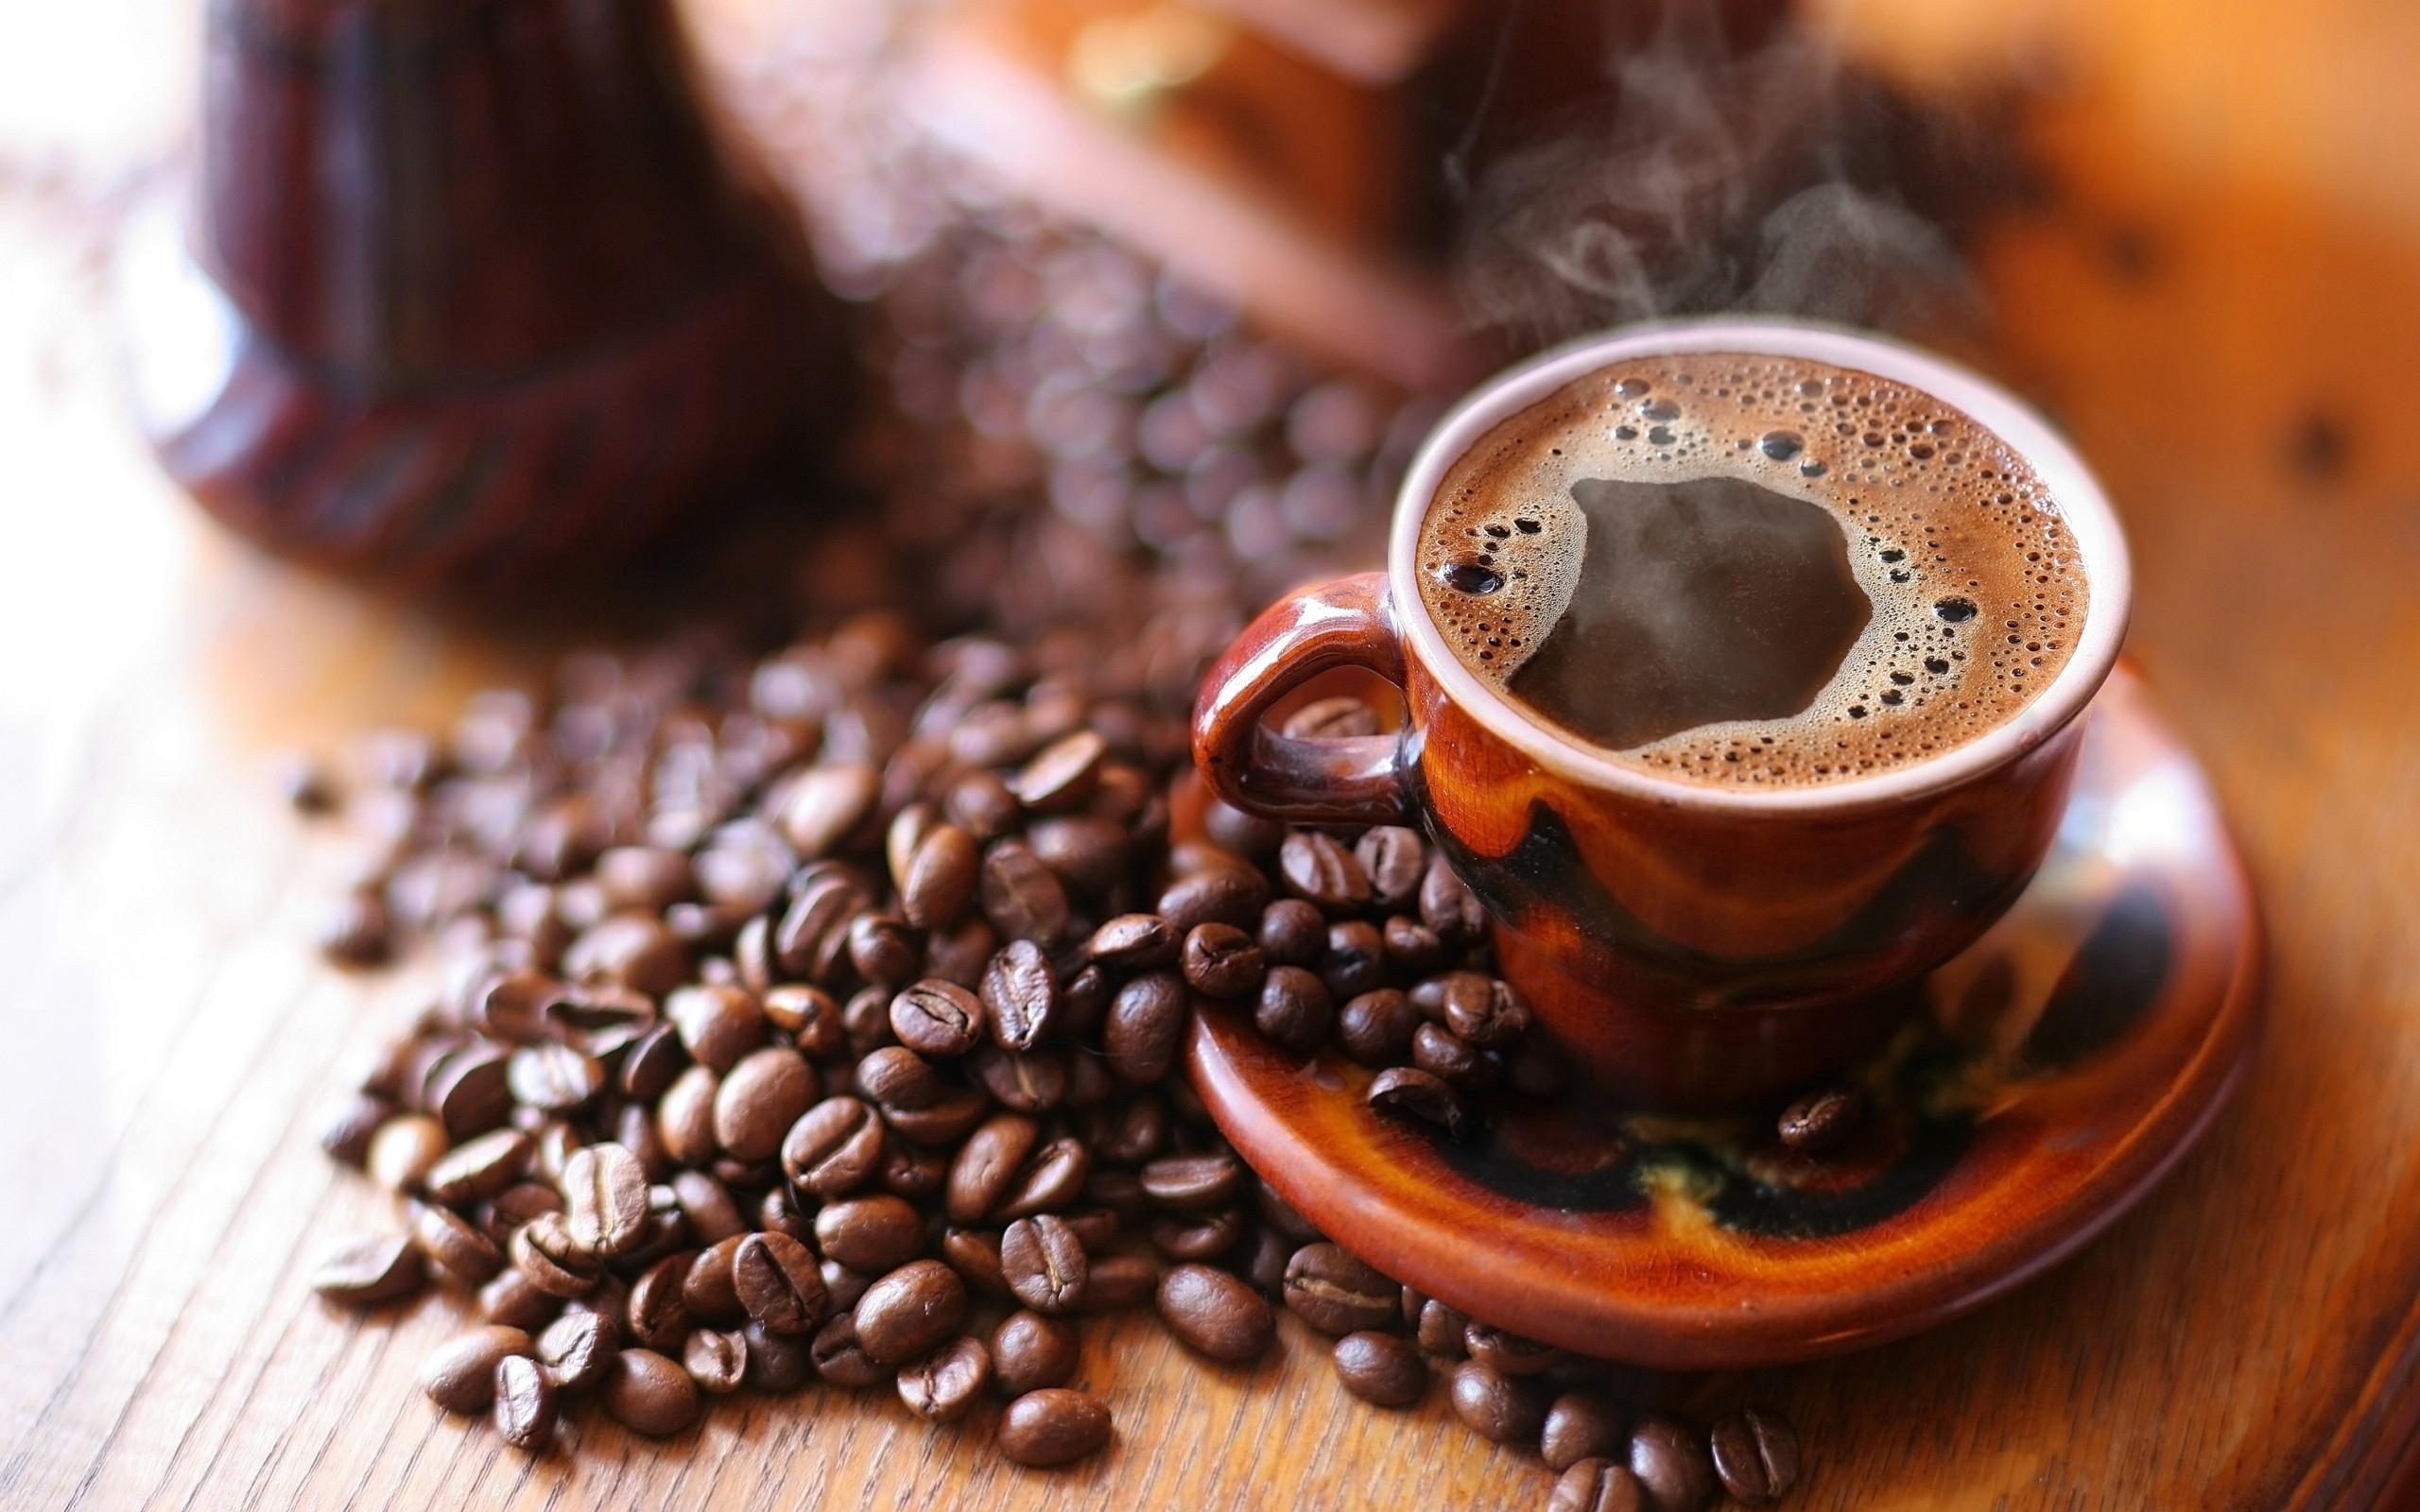 Hintergrundbilder : Getränk, Tasse, Kaffeebohnen, Espresso ...